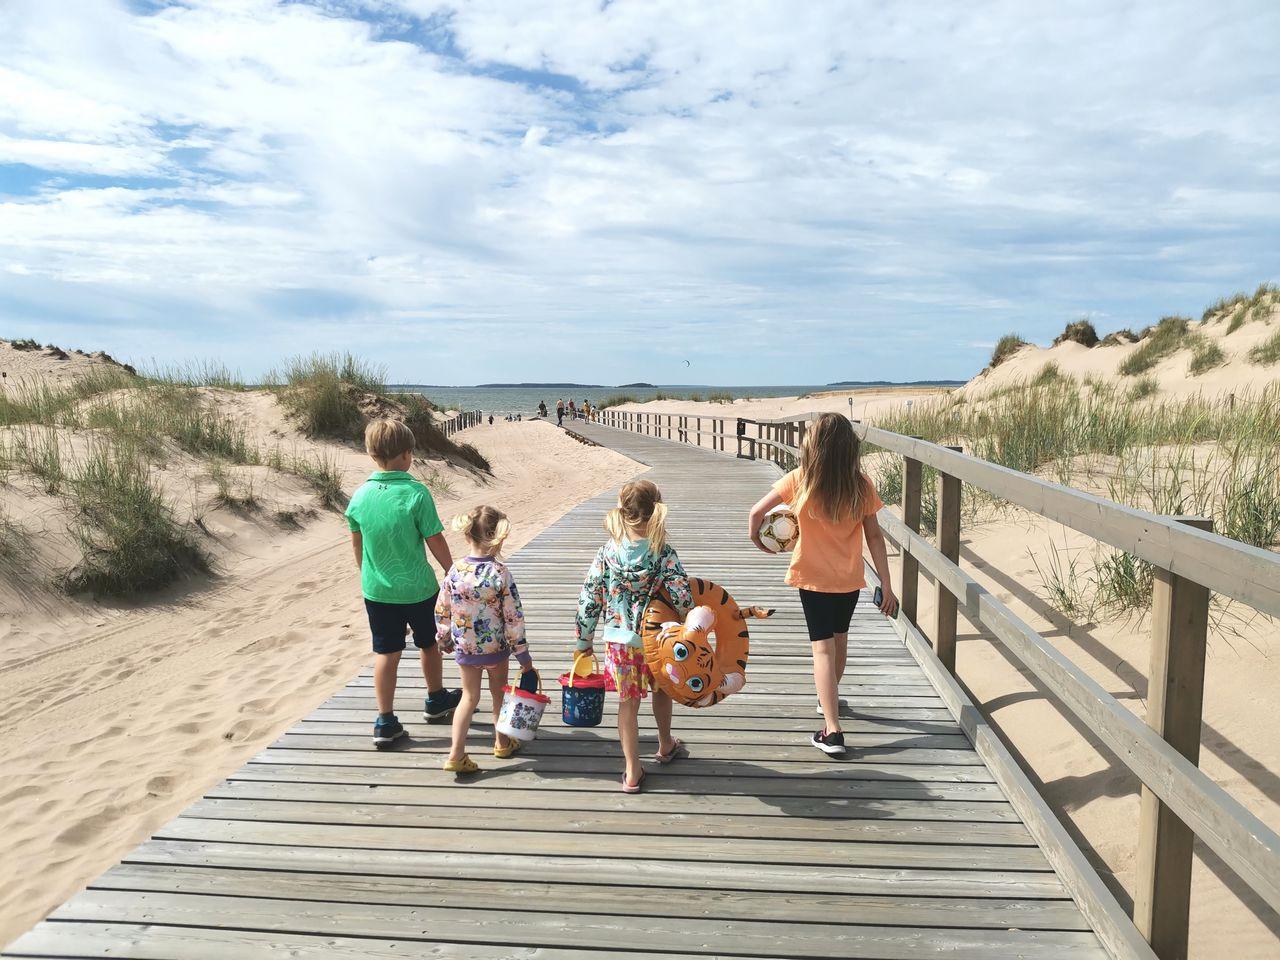 Matkakohteet lapsiperheille -listaukselle kuuluu Yyterin hiekkaranta.